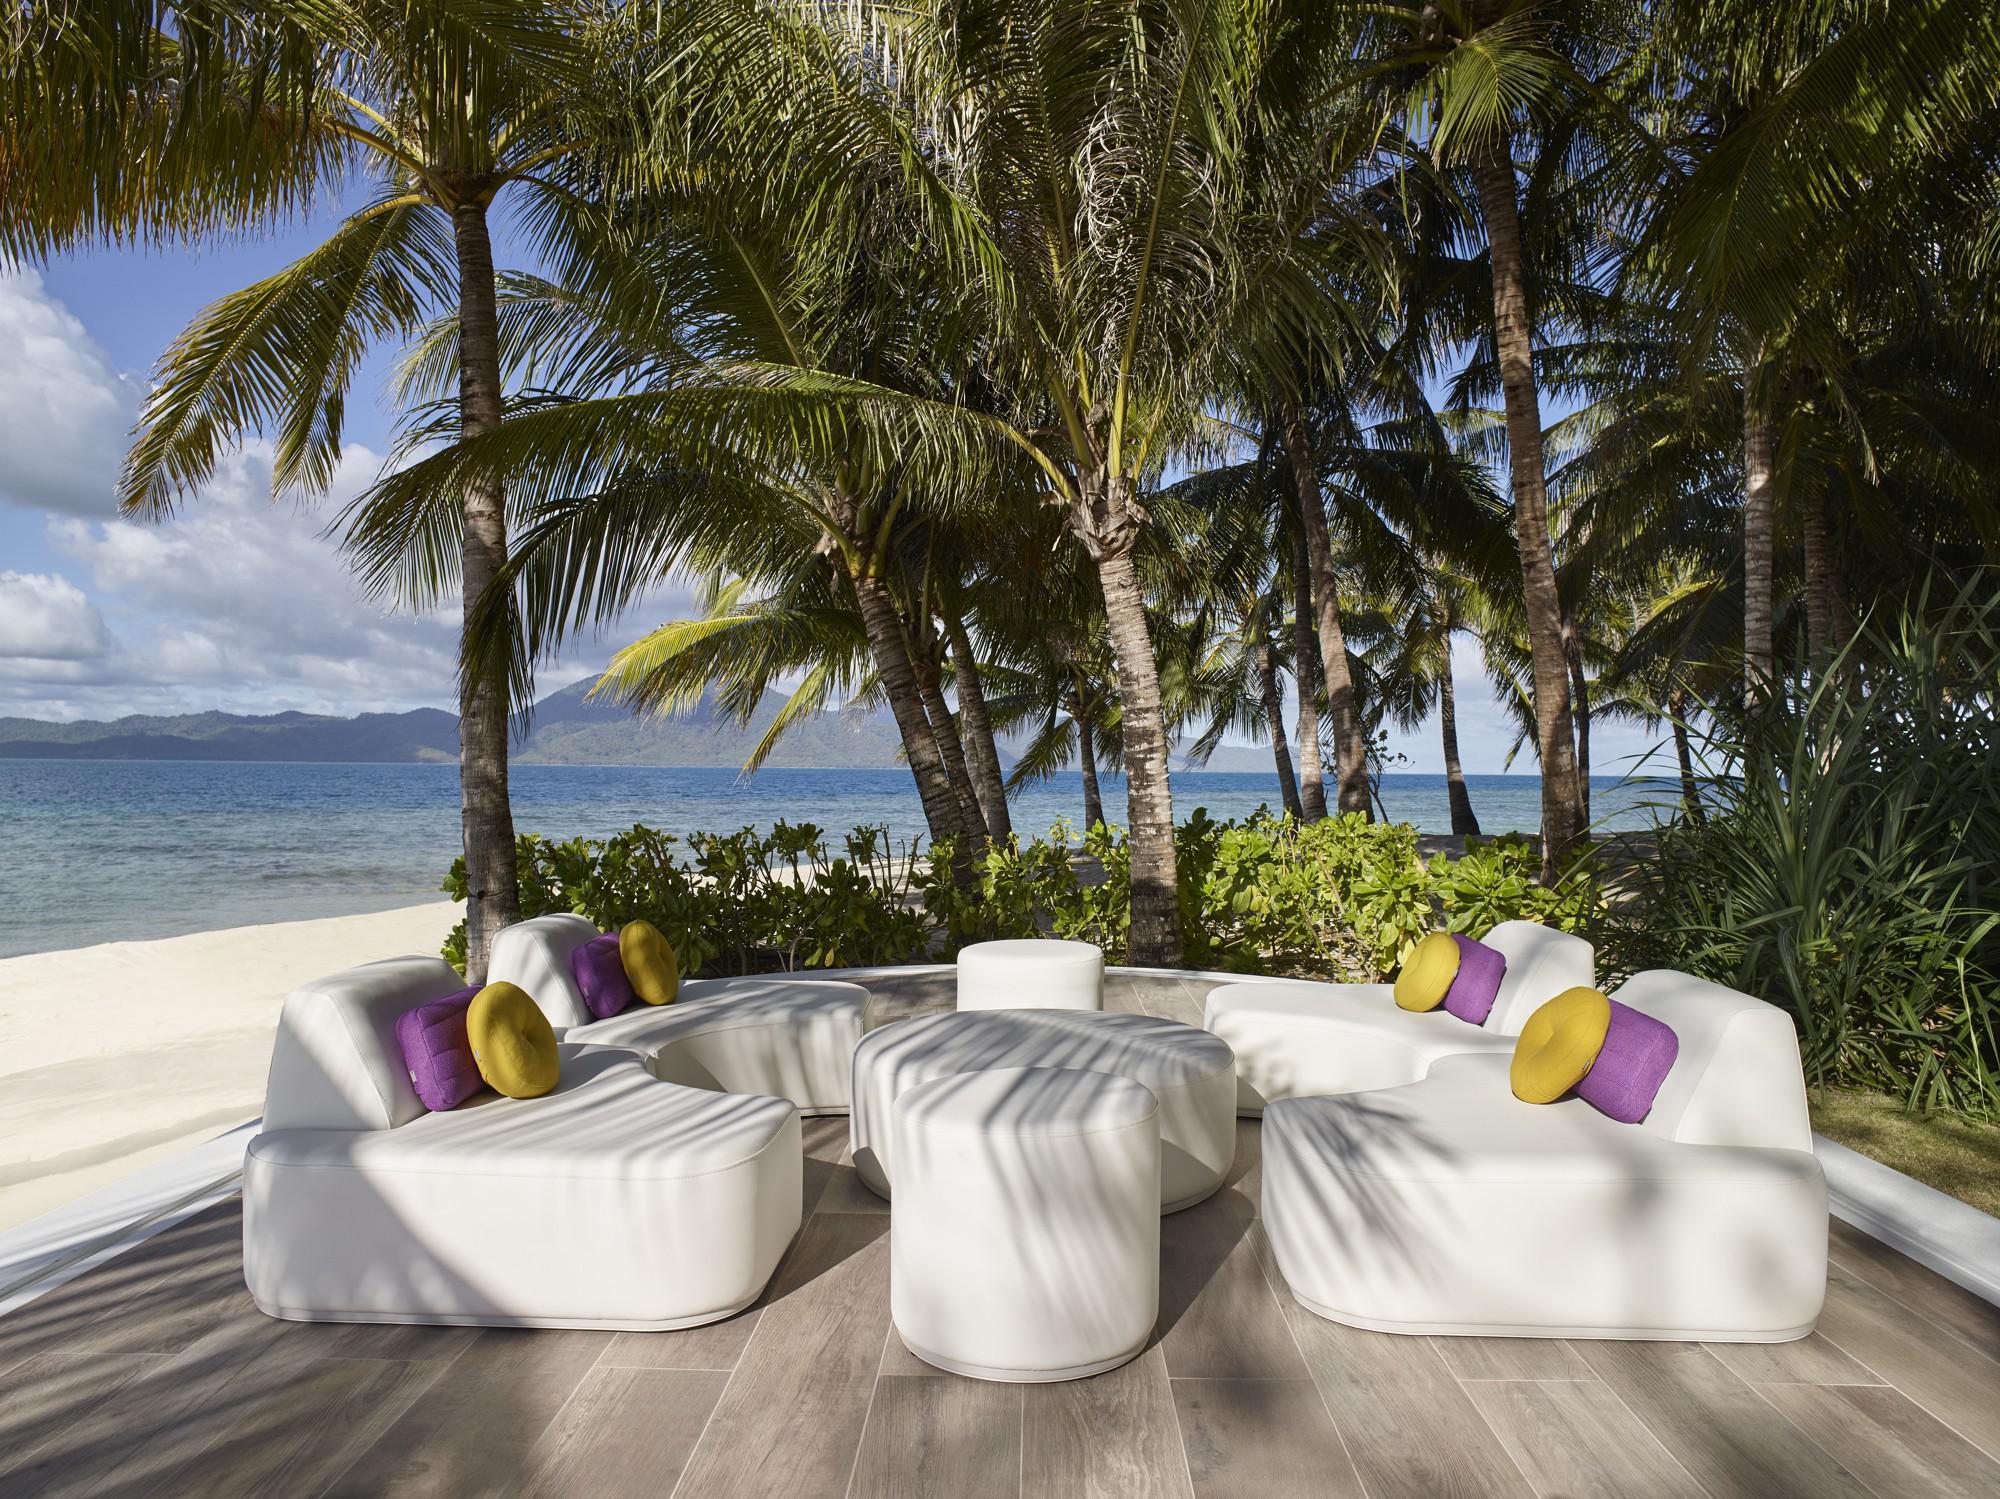 Moon Island sofa